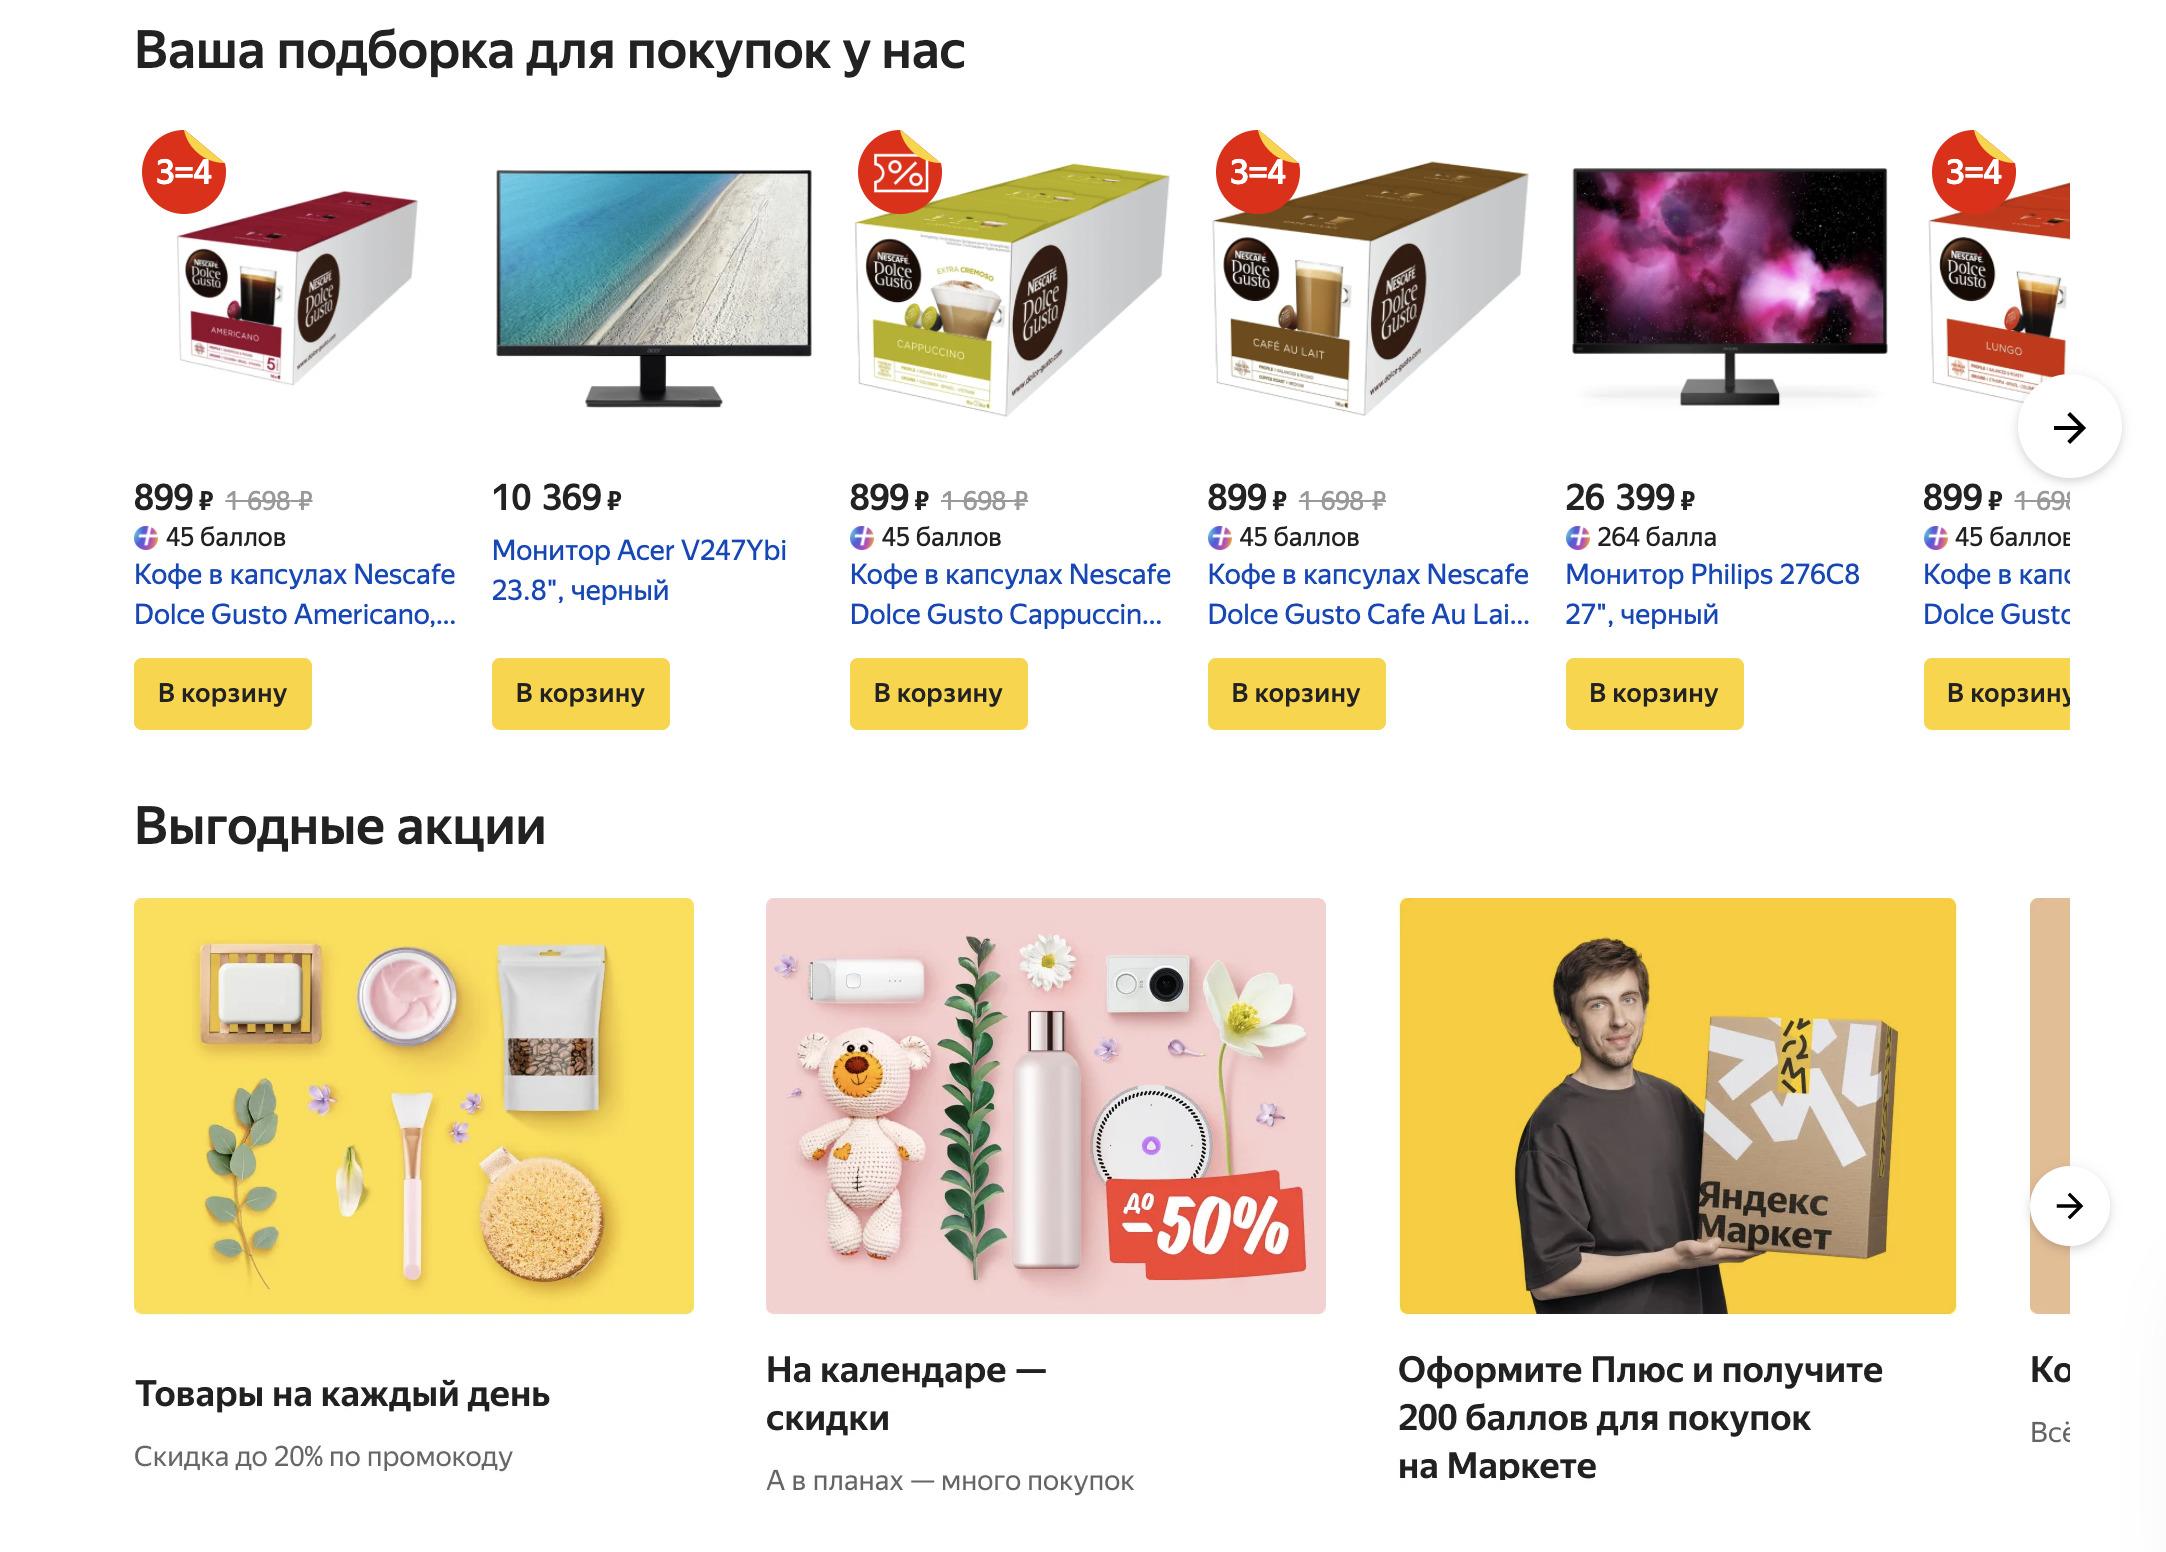 Доставка из Яндекс.Маркет в Чехов, сроки, пункты выдачи, каталог